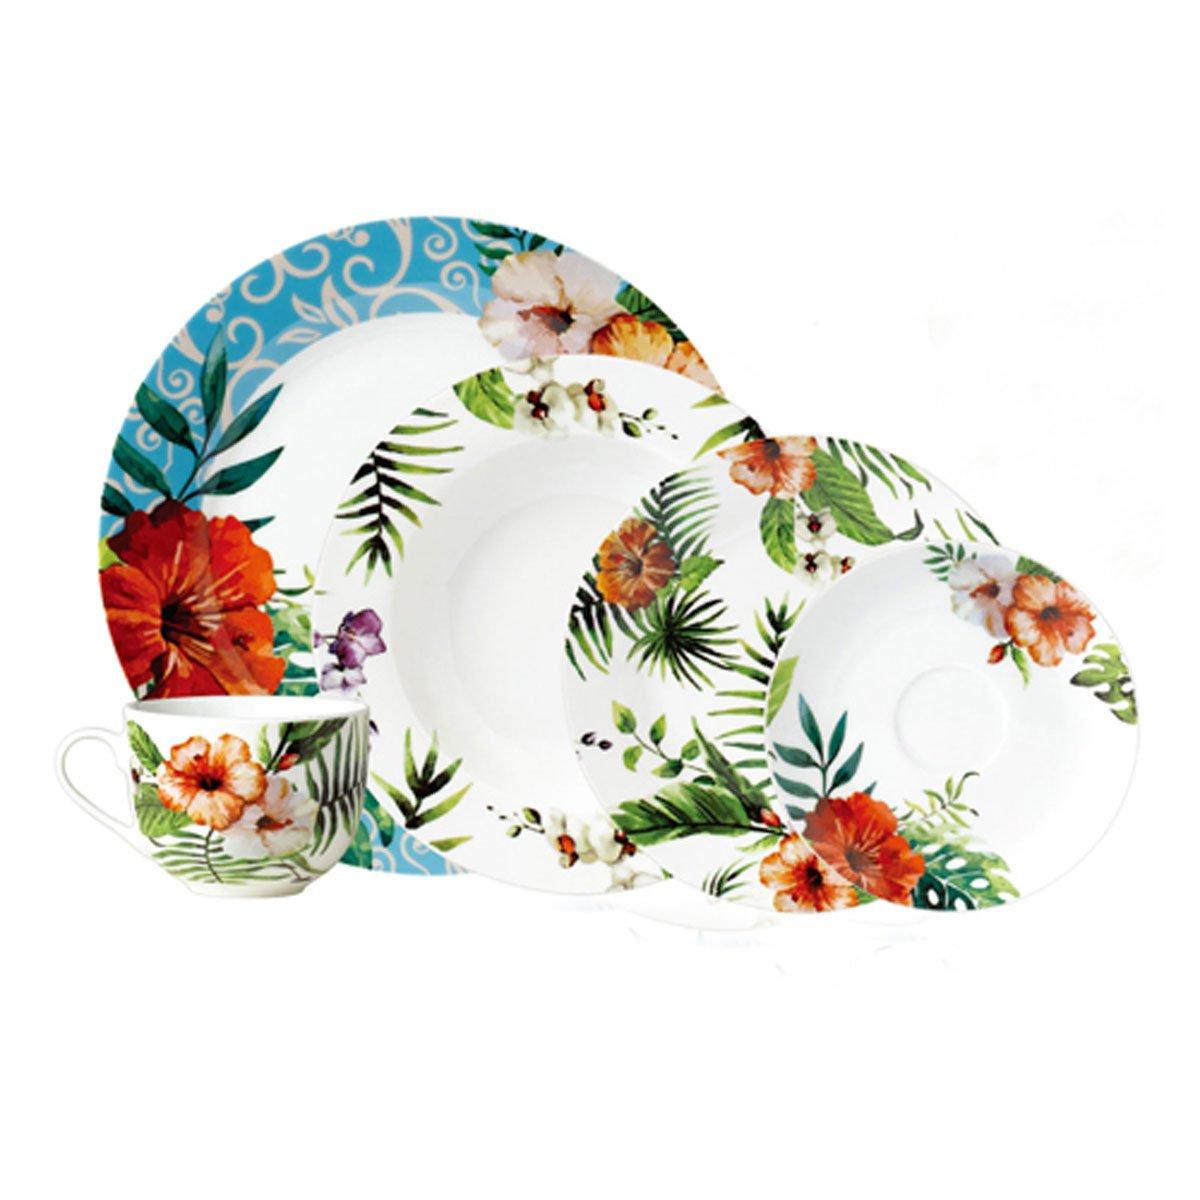 Vajilla 20 piezas porcelana tropical crown baccara sears com mx me entiende - Vajillas navidenas ...